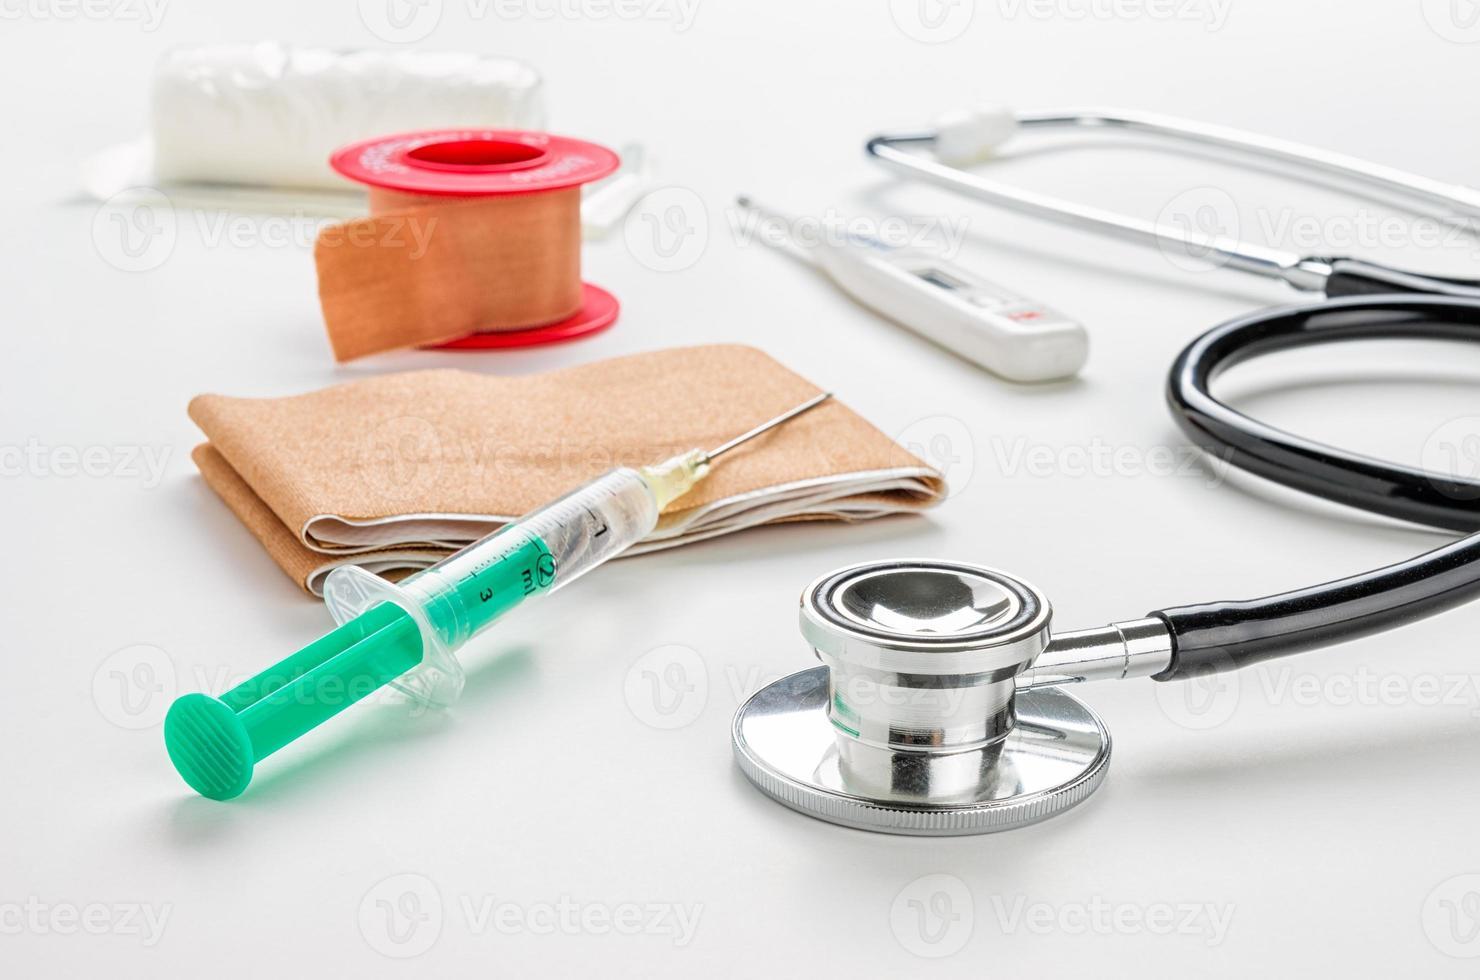 produtos e equipamentos médicos foto